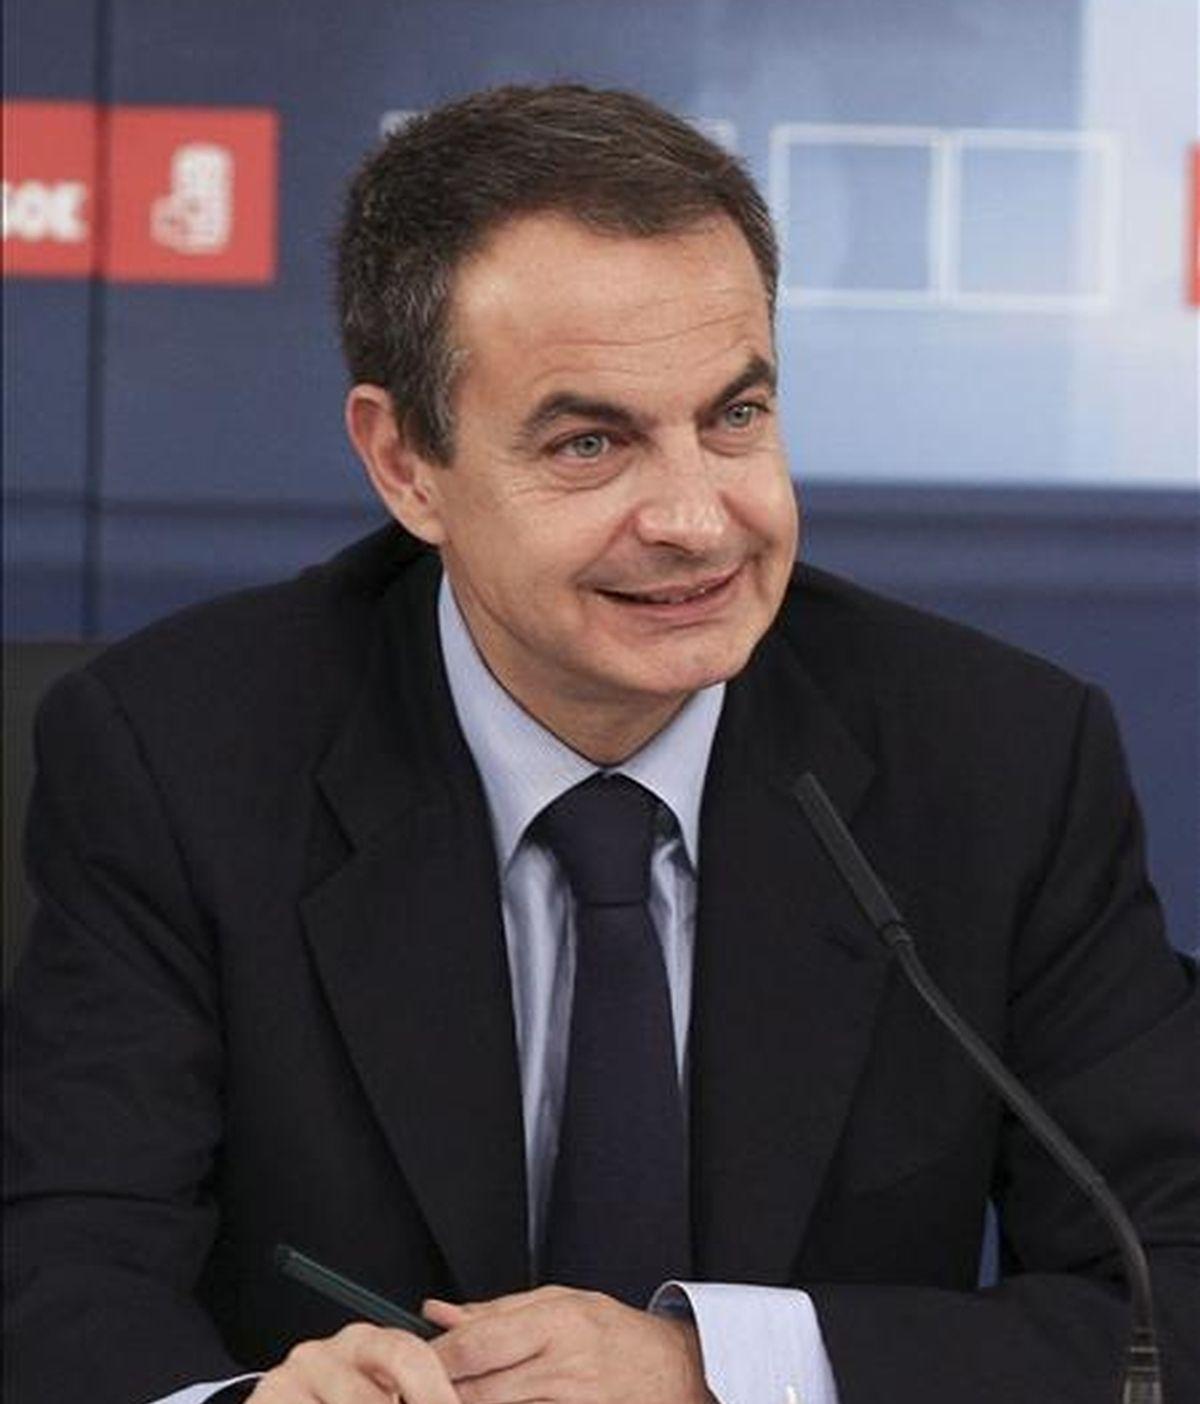 El jefe del Gobierno, José Luis Rodríguez Zapatero. EFE/Archivo